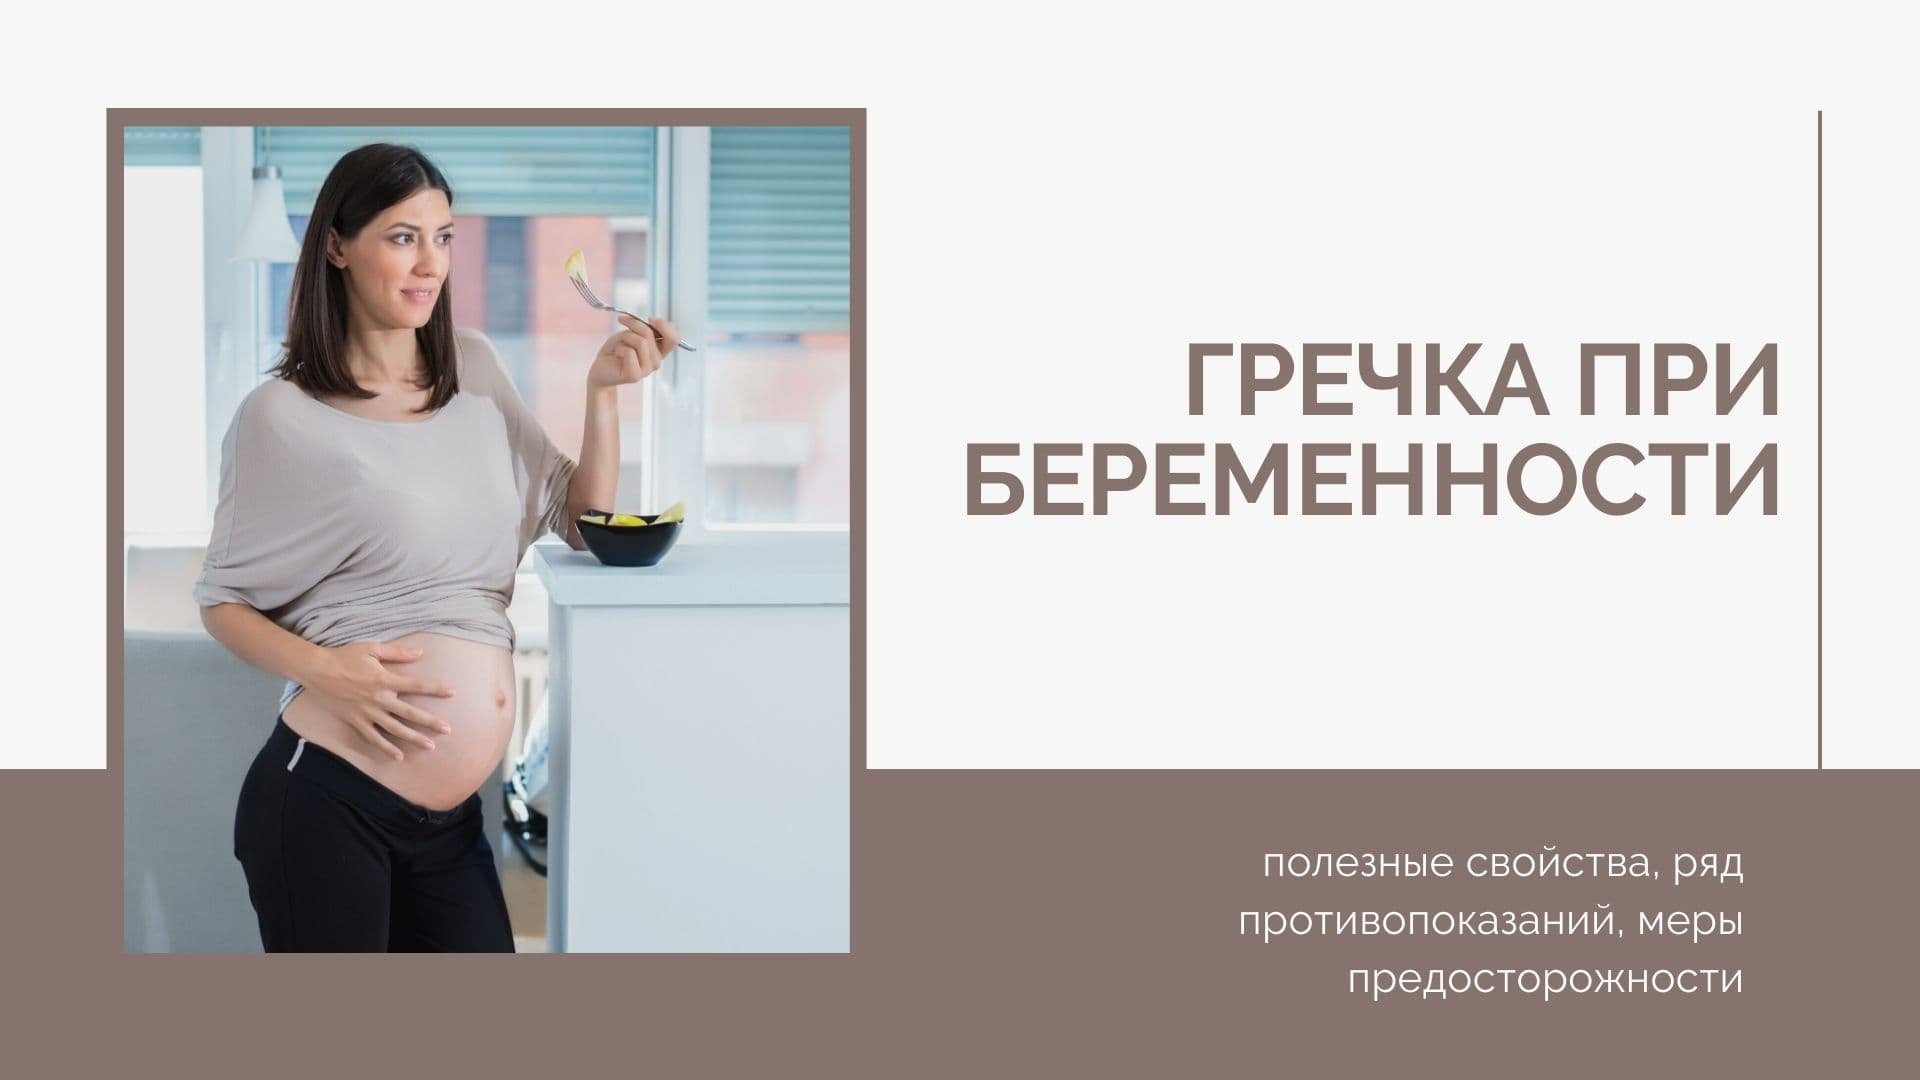 Гречка при беременности: полезные свойства, ряд противопоказаний, меры предосторожности